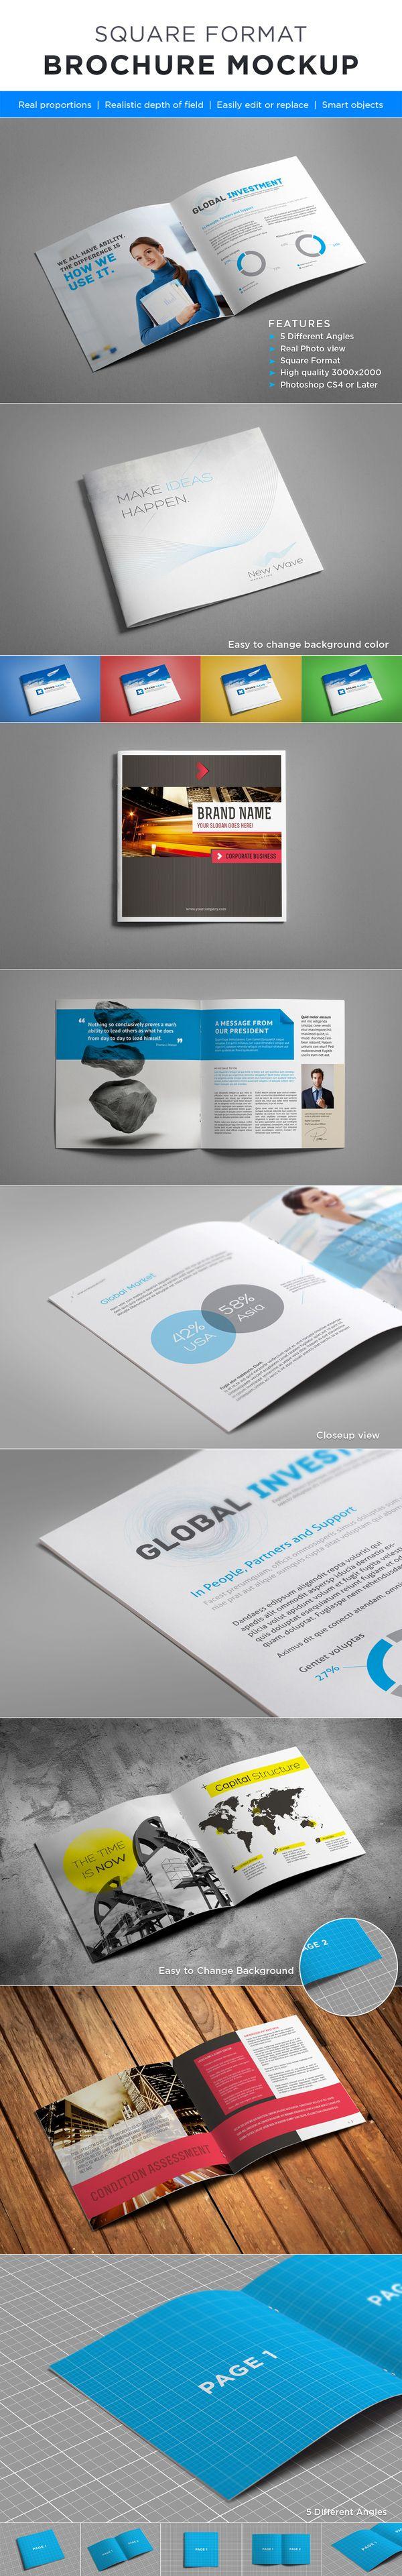 Square Brochure Mock-up by Andrej Sevkovskij, via Behance